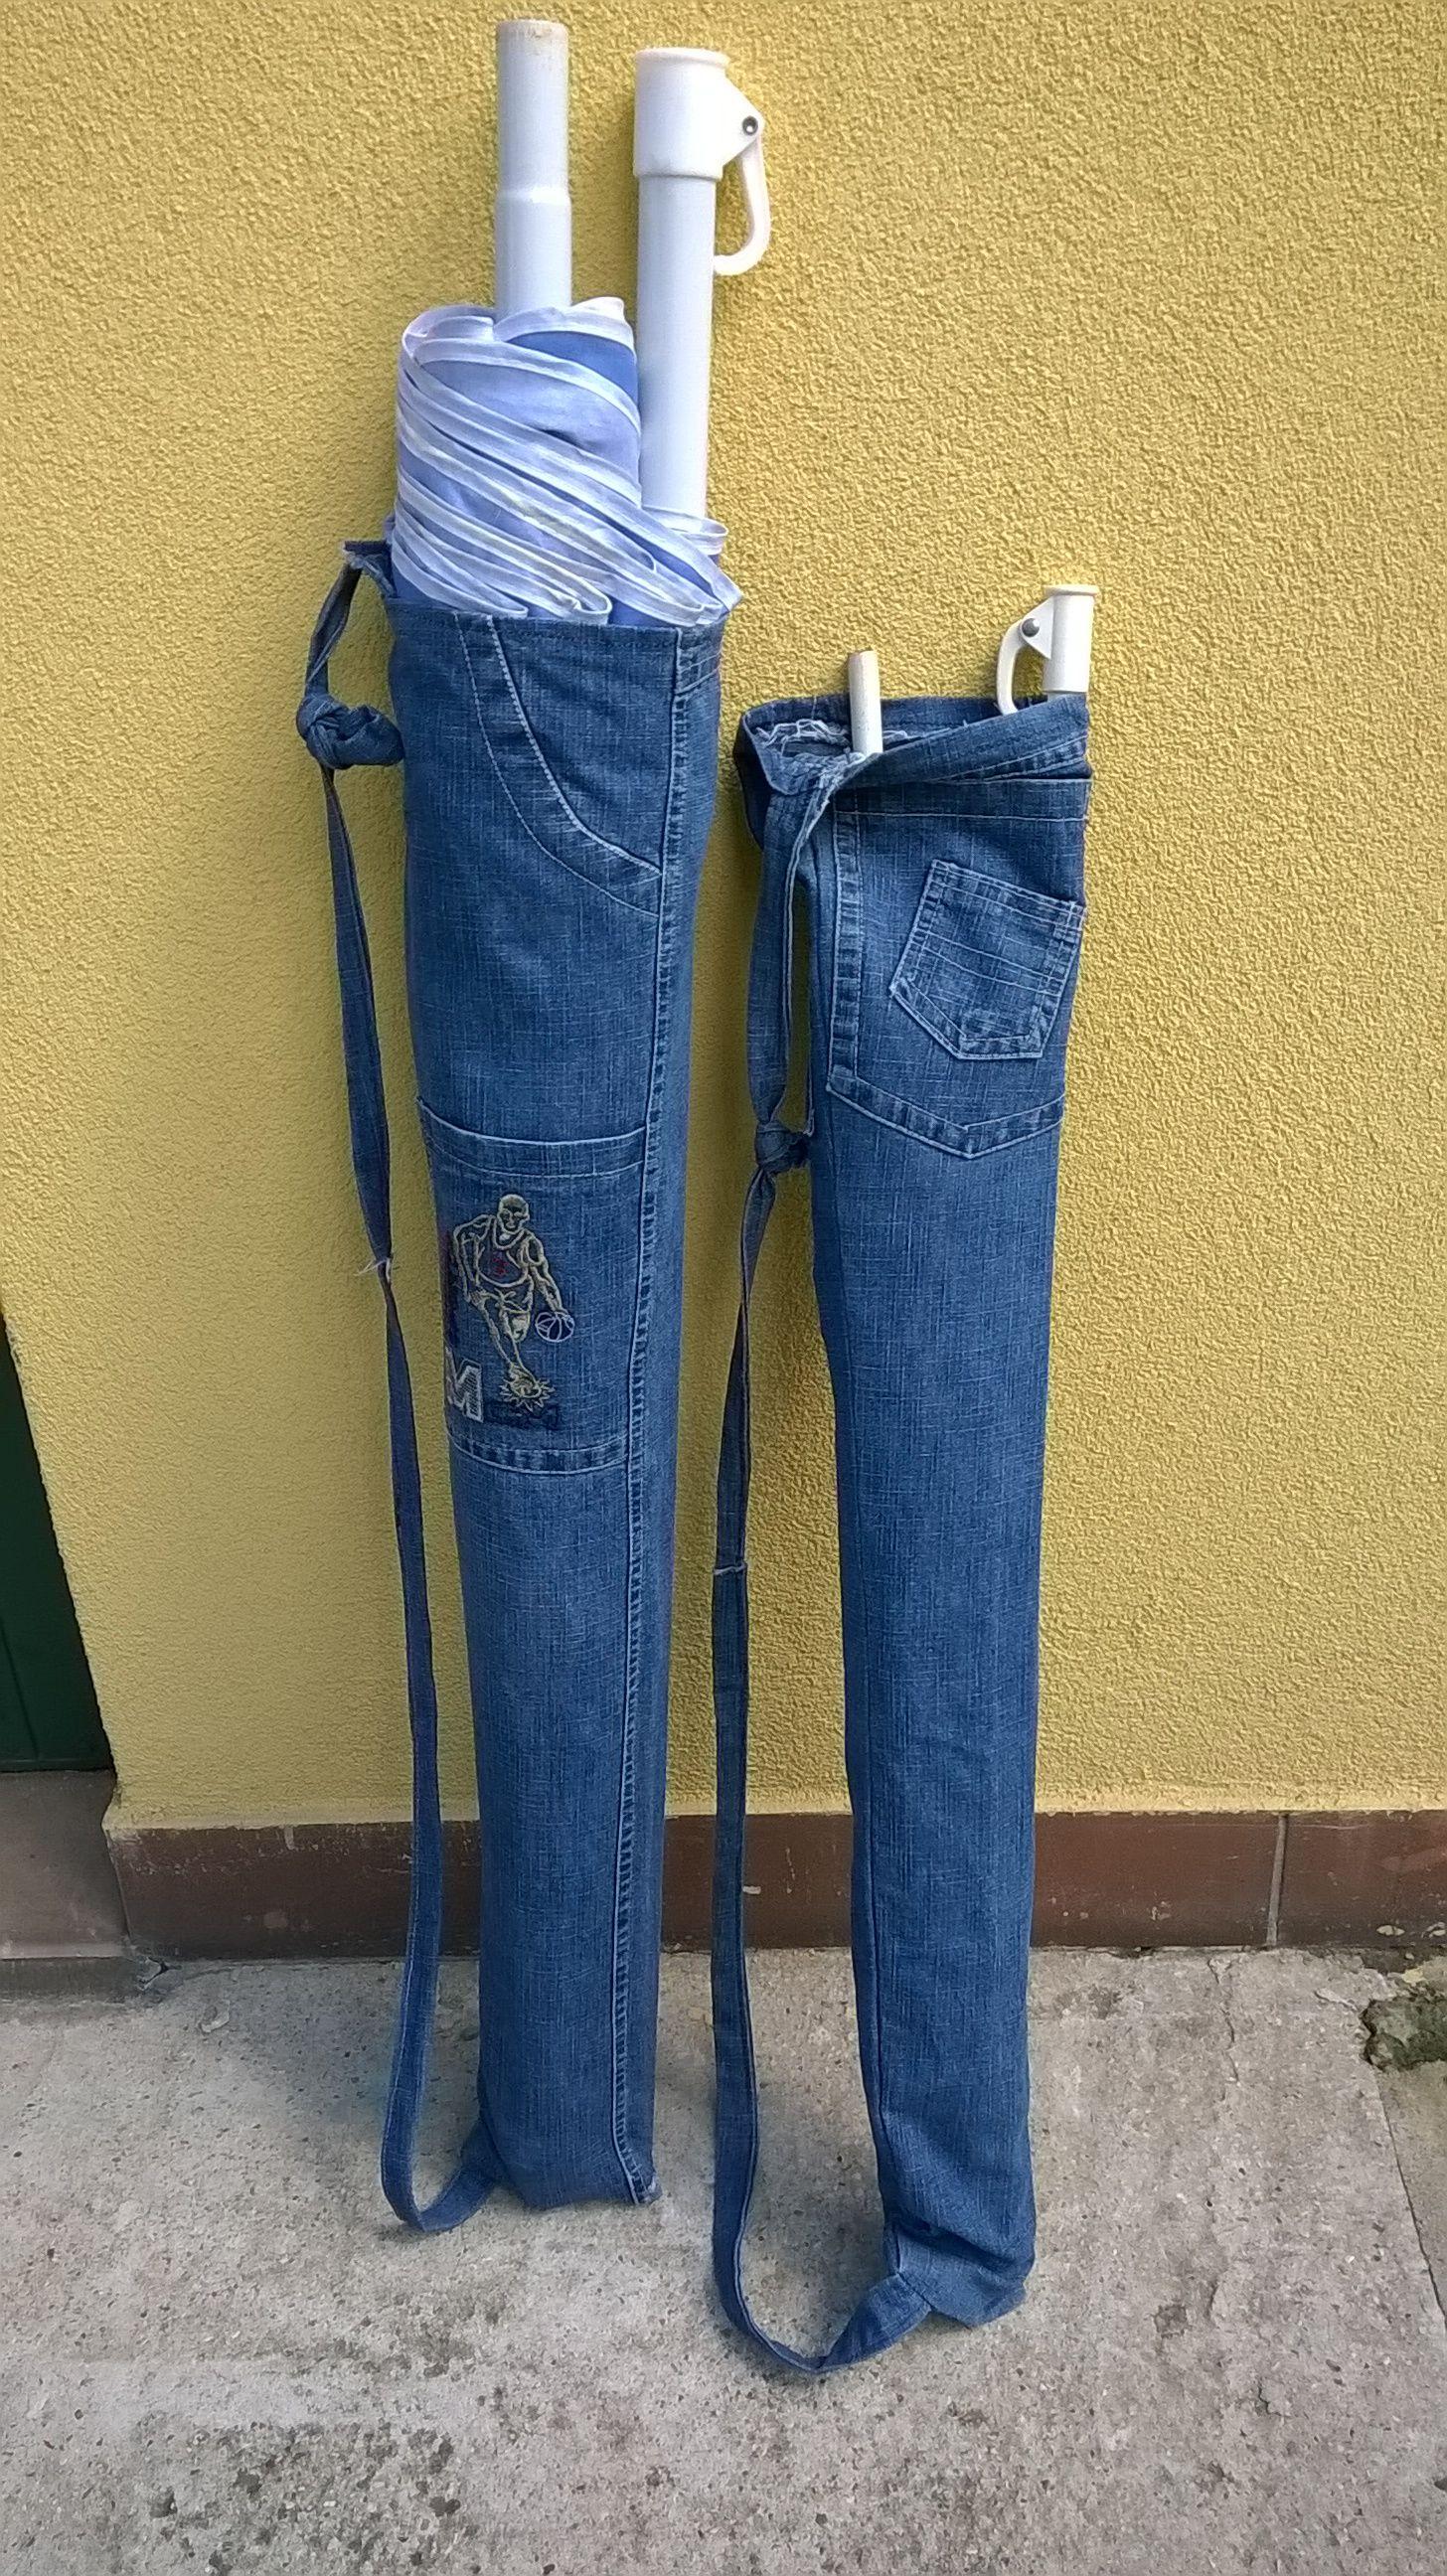 Porta ombrellone da spiaggia con tracolla couture pour for Porta cellulare fai da te jeans